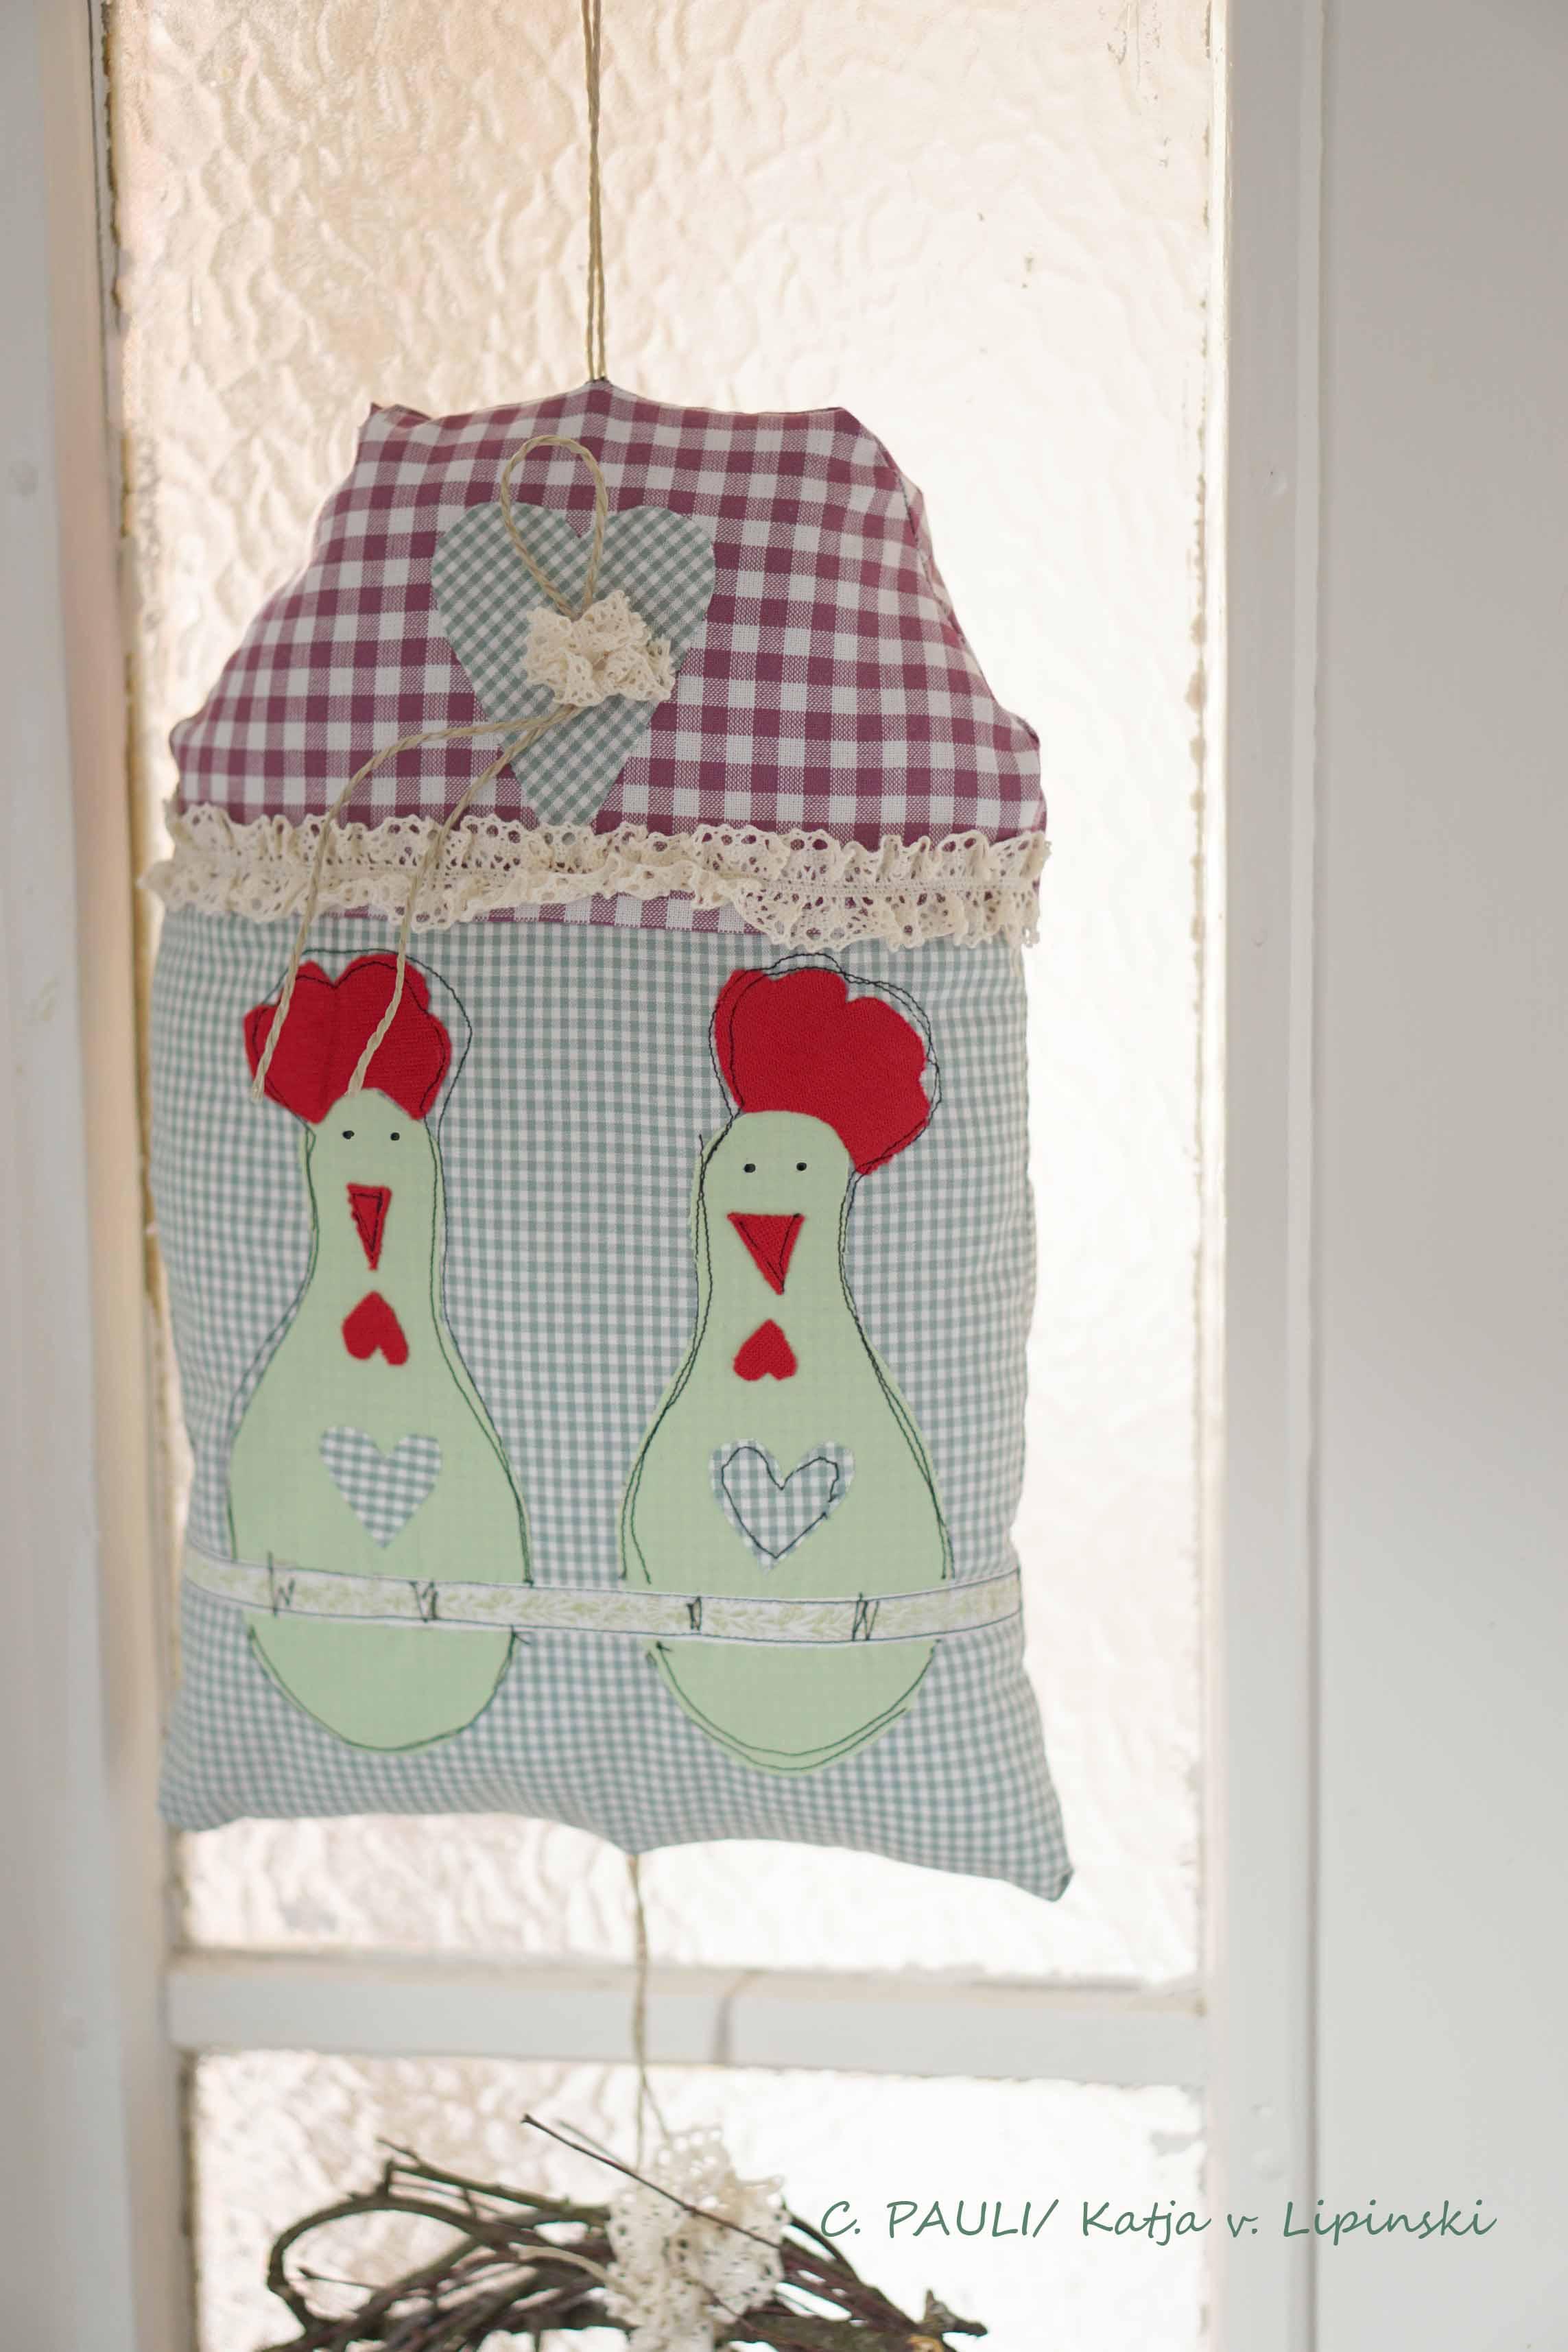 Nähblog Wir Nähen Einen Türhänger Mit Hühnern Kranz Und Herzen C